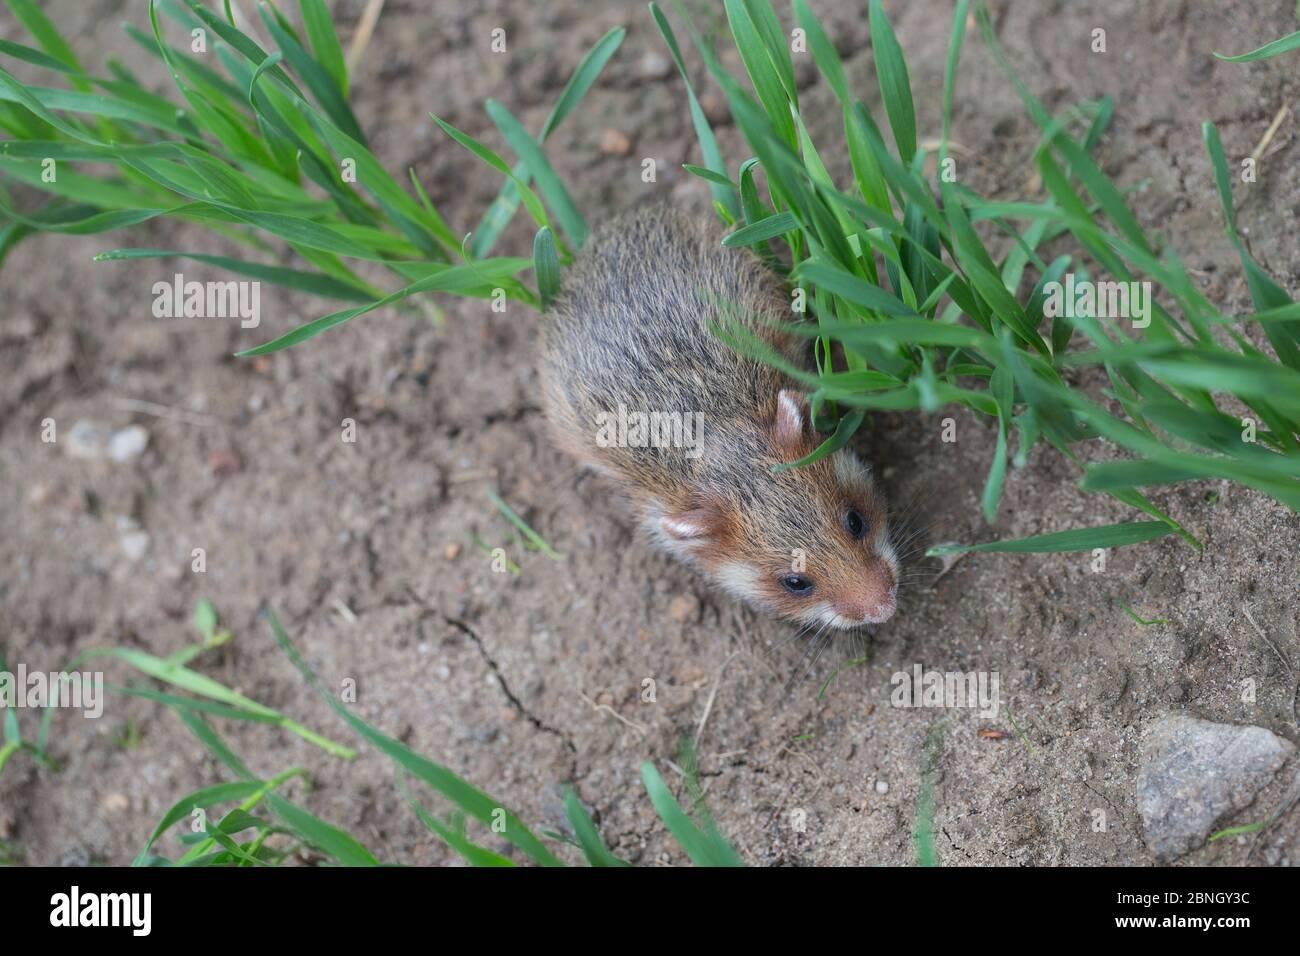 Hamster européen (Cricetus cricetus) juvénile dans le champ de maïs, captif. Banque D'Images